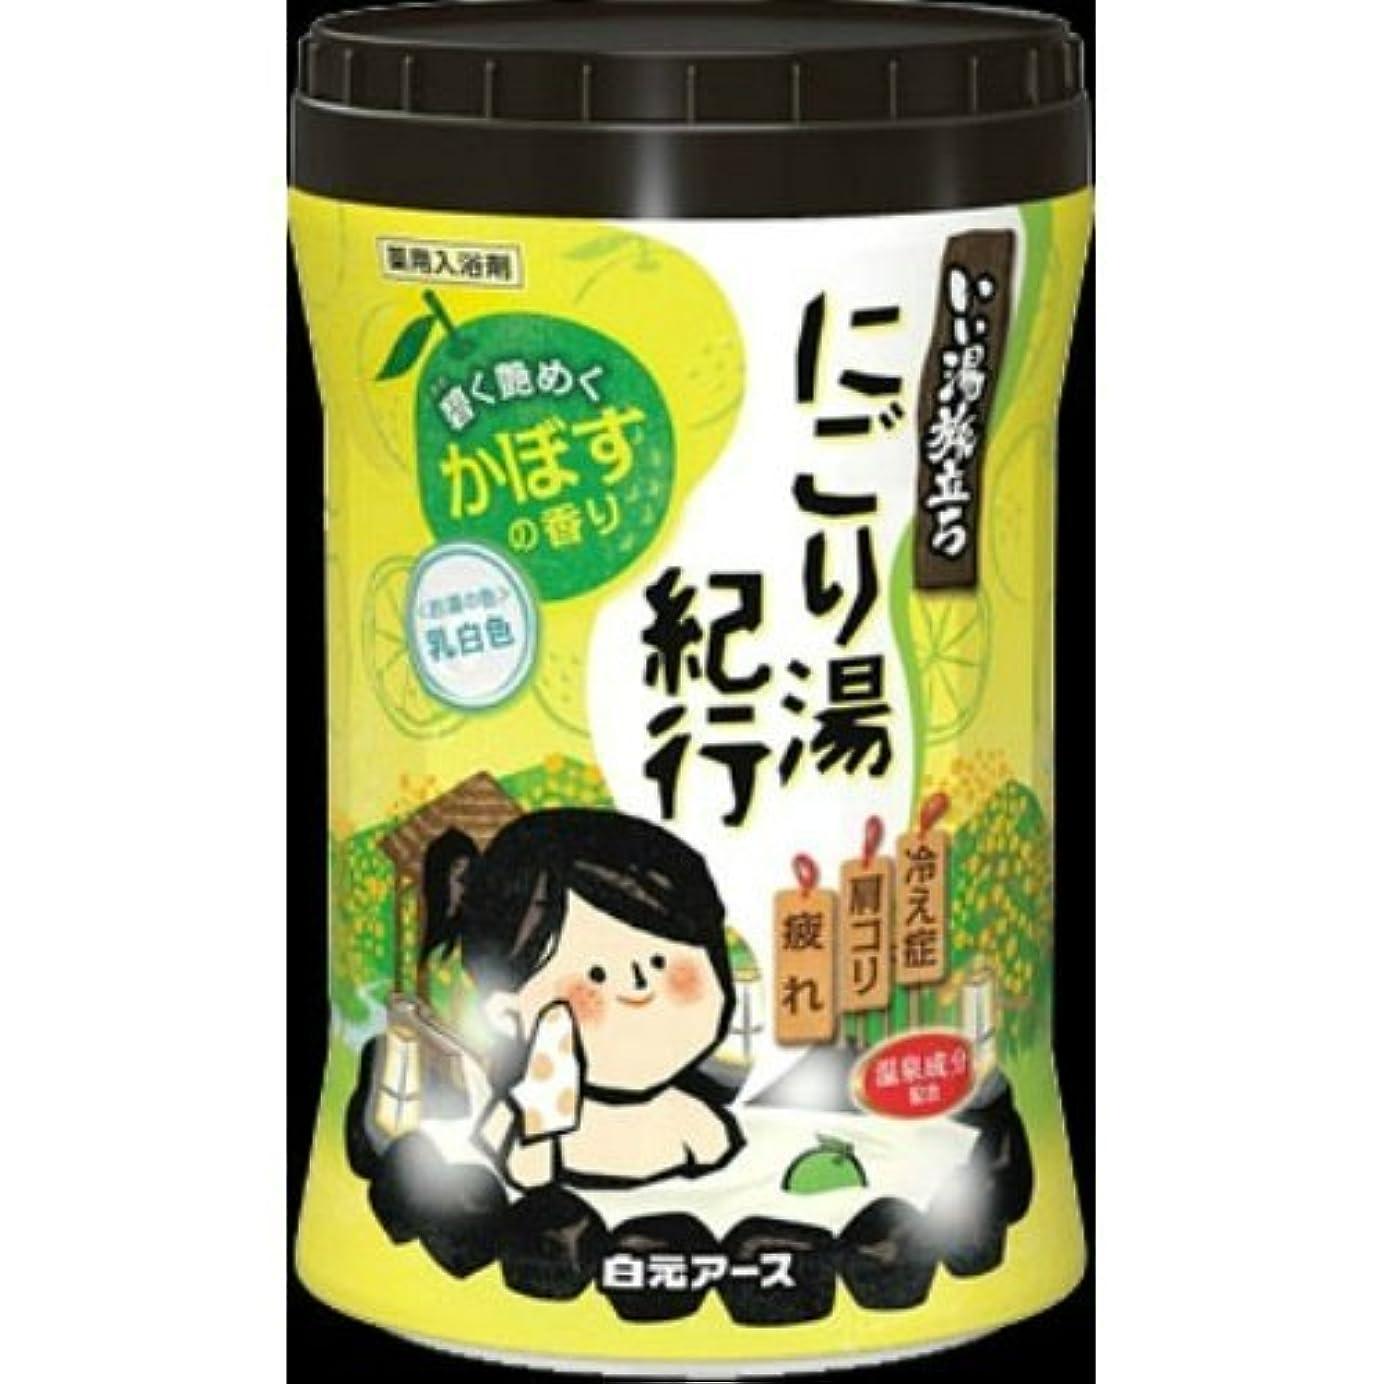 植物学者佐賀セッションいい湯旅立ちボトル にごり湯紀行 かぼすの香り 入浴剤 600g [医薬部外品]